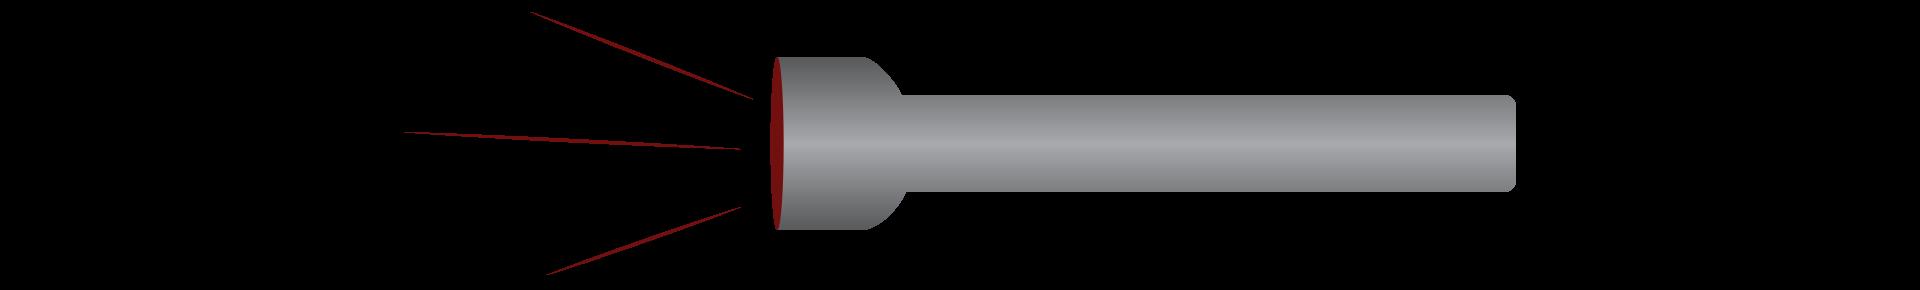 Red light flashlight